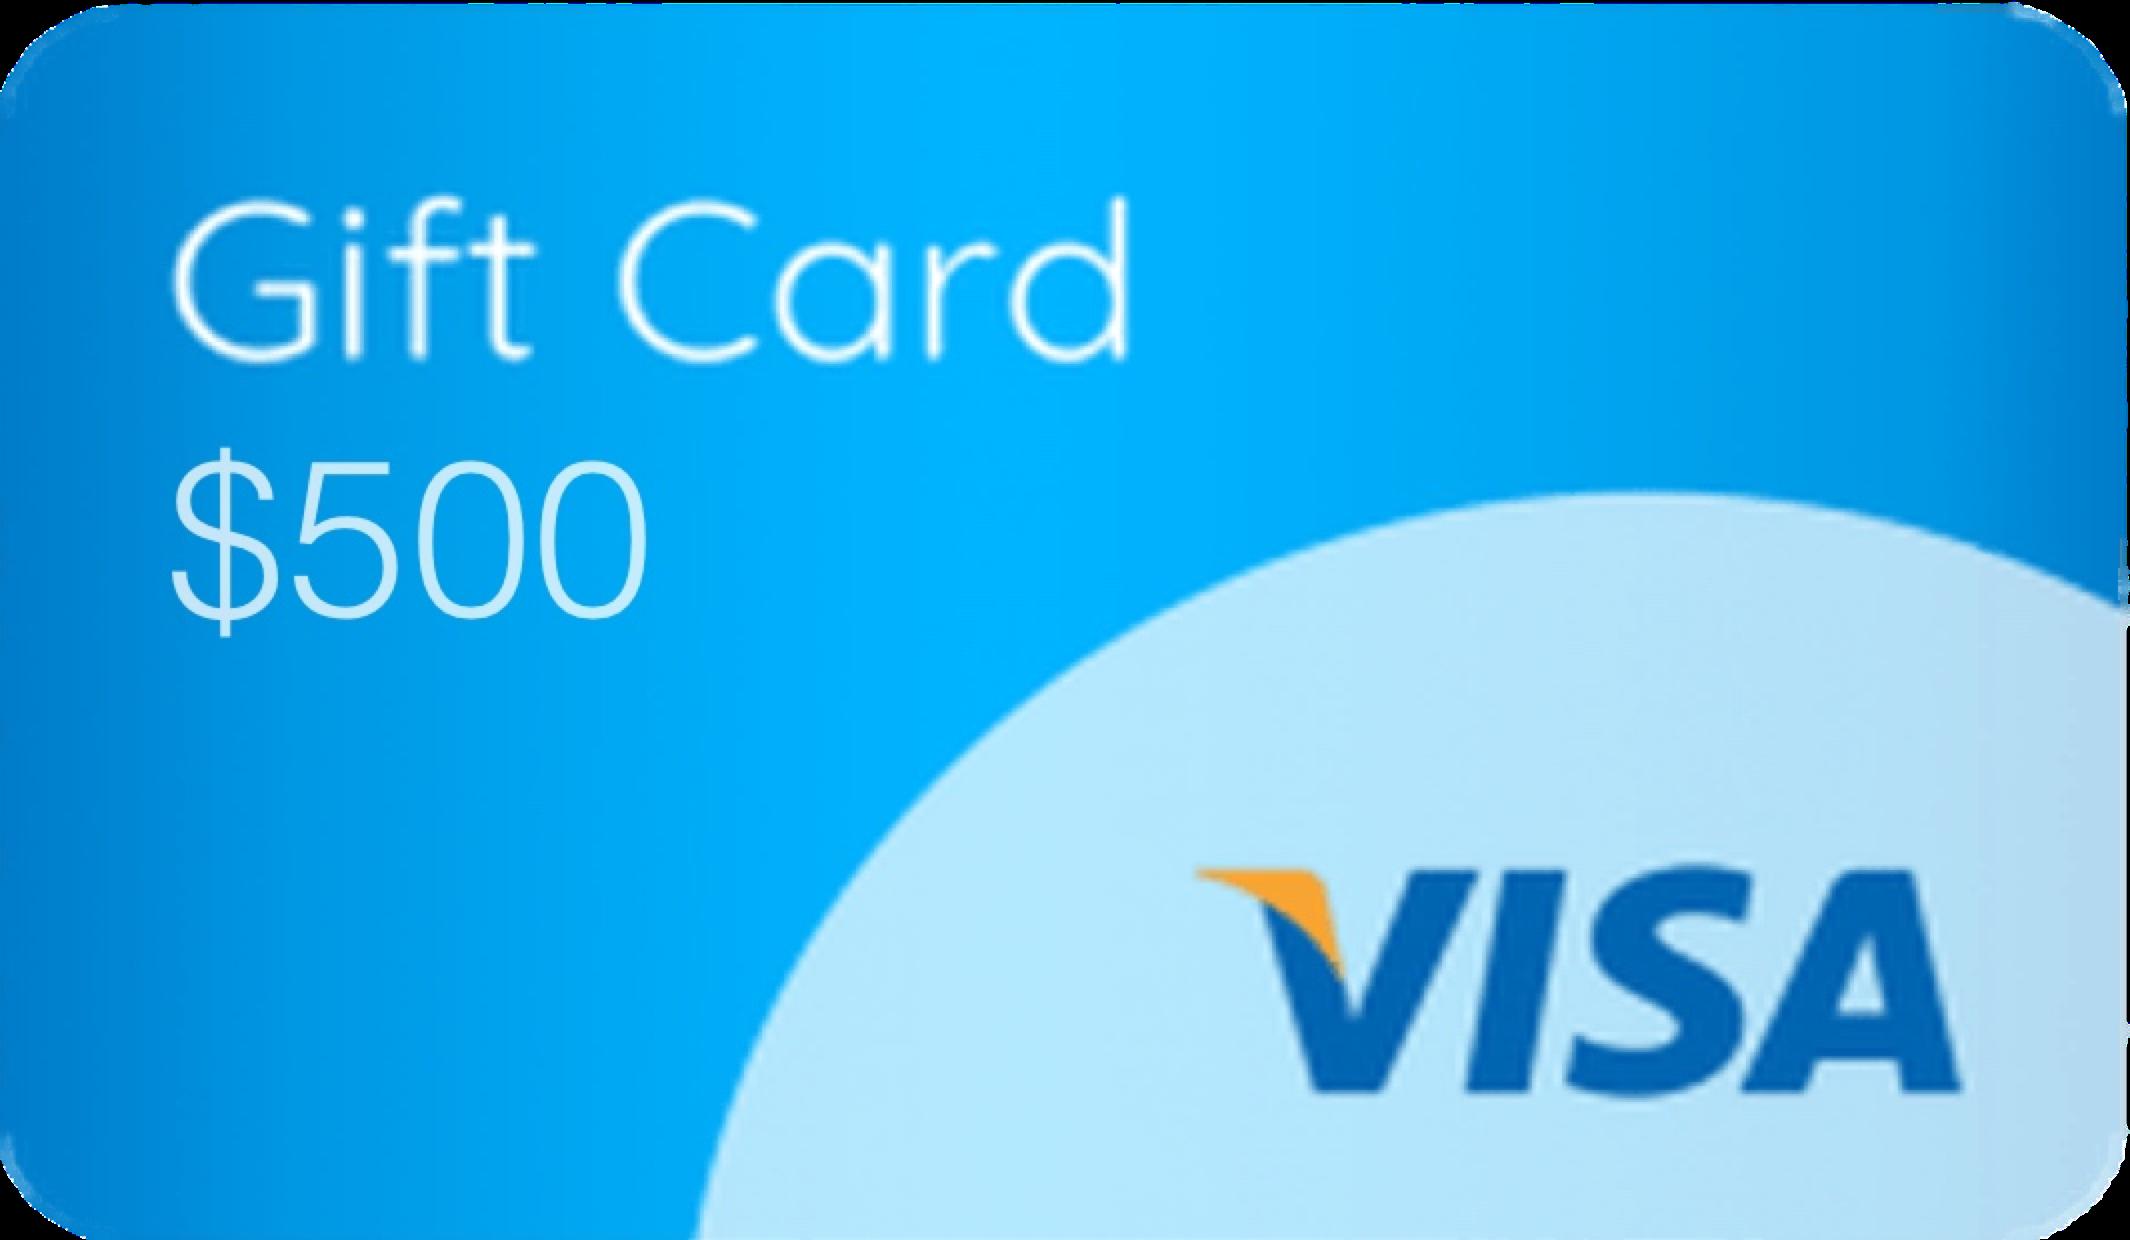 visa gift card 500.png